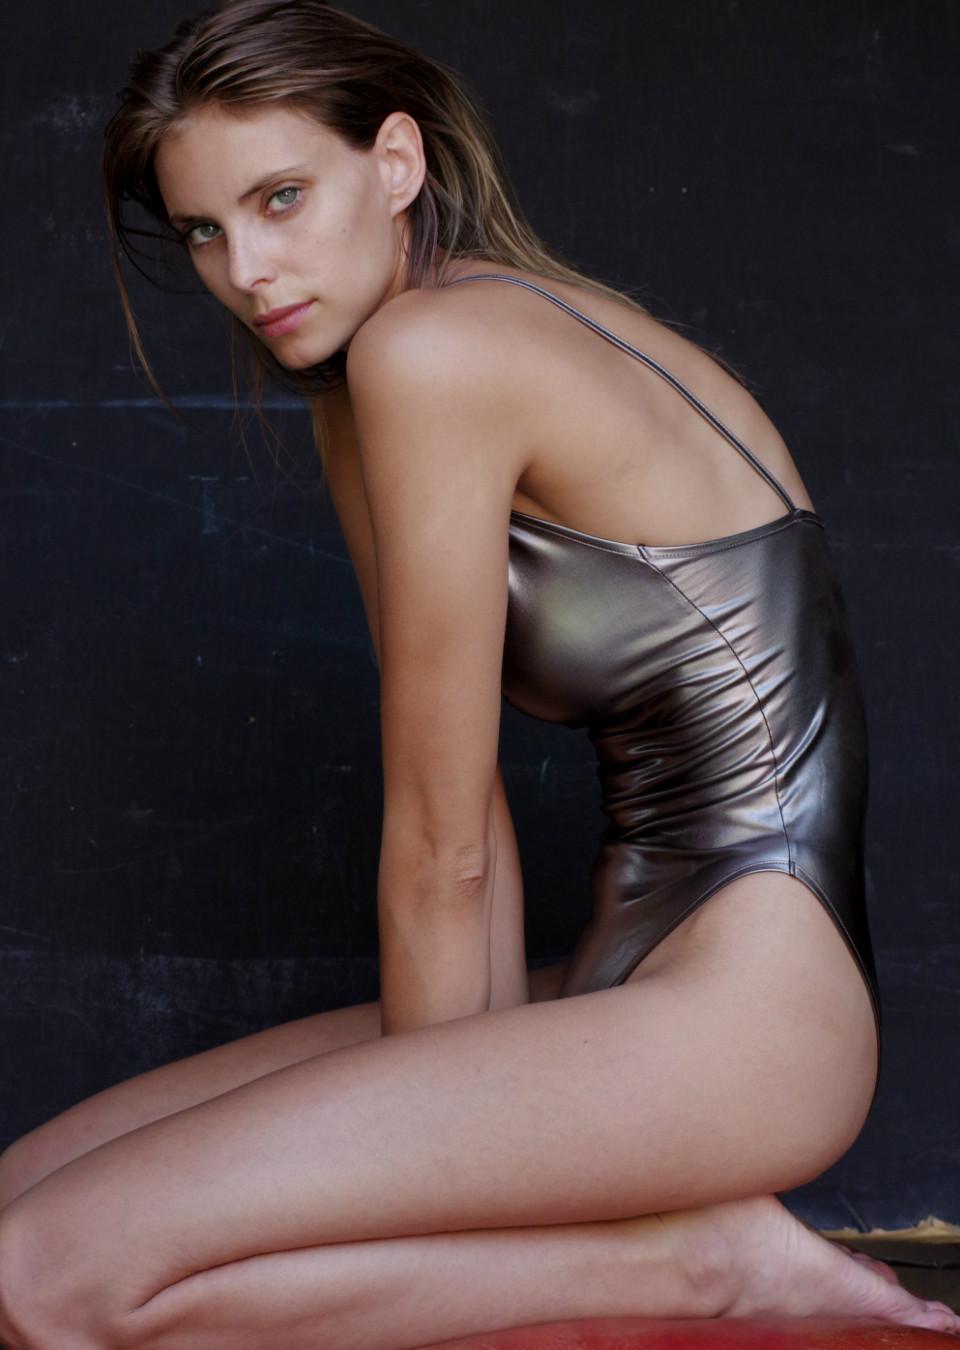 Legs Joyce Verheyen nudes (88 fotos) Sideboobs, iCloud, underwear